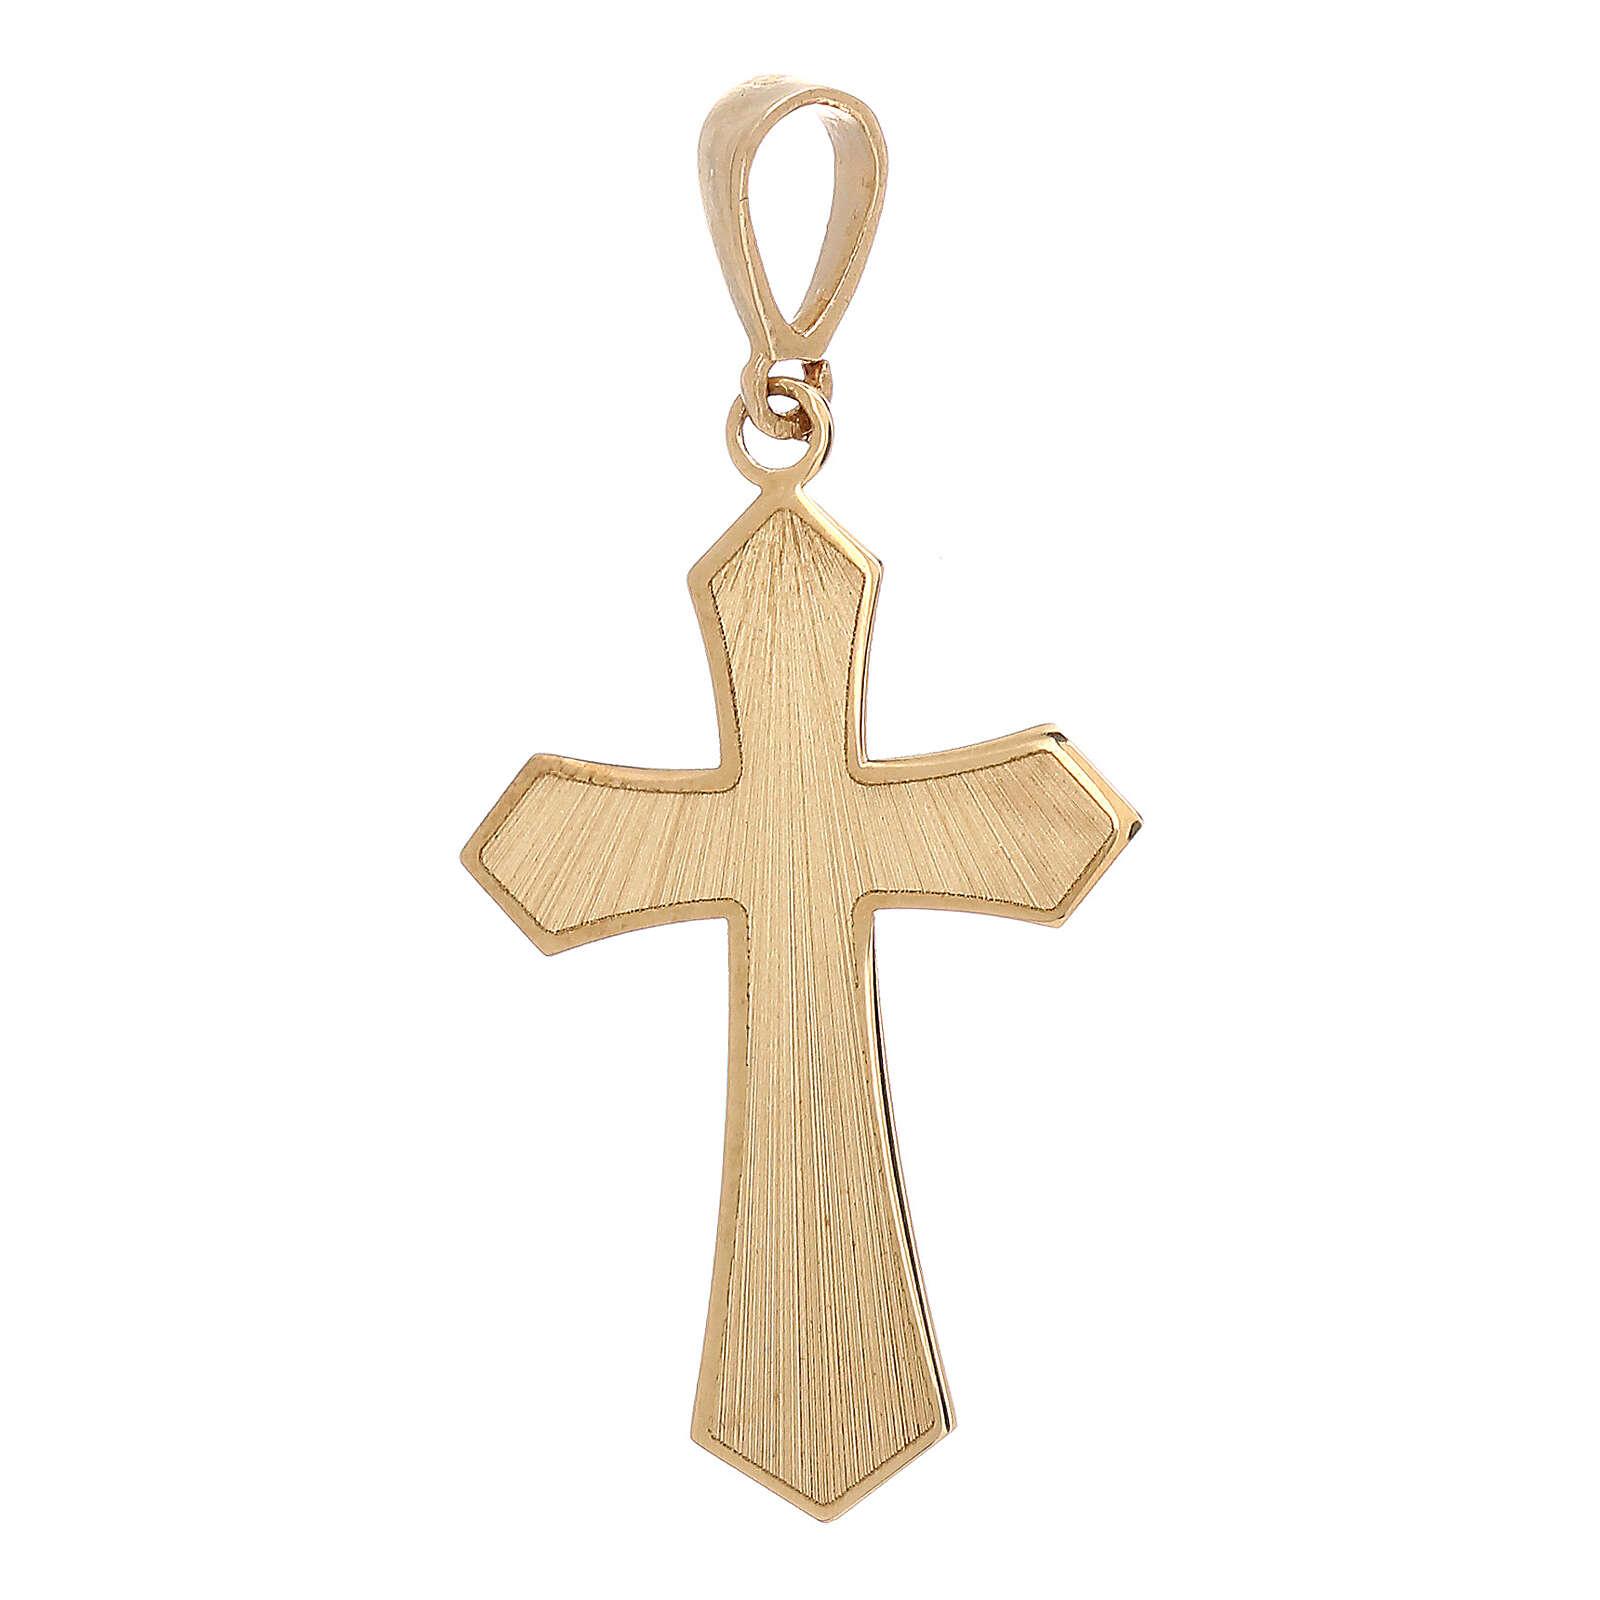 Pendente croce oro giallo 18 kt satinato effetto legno 0,9 gr 4